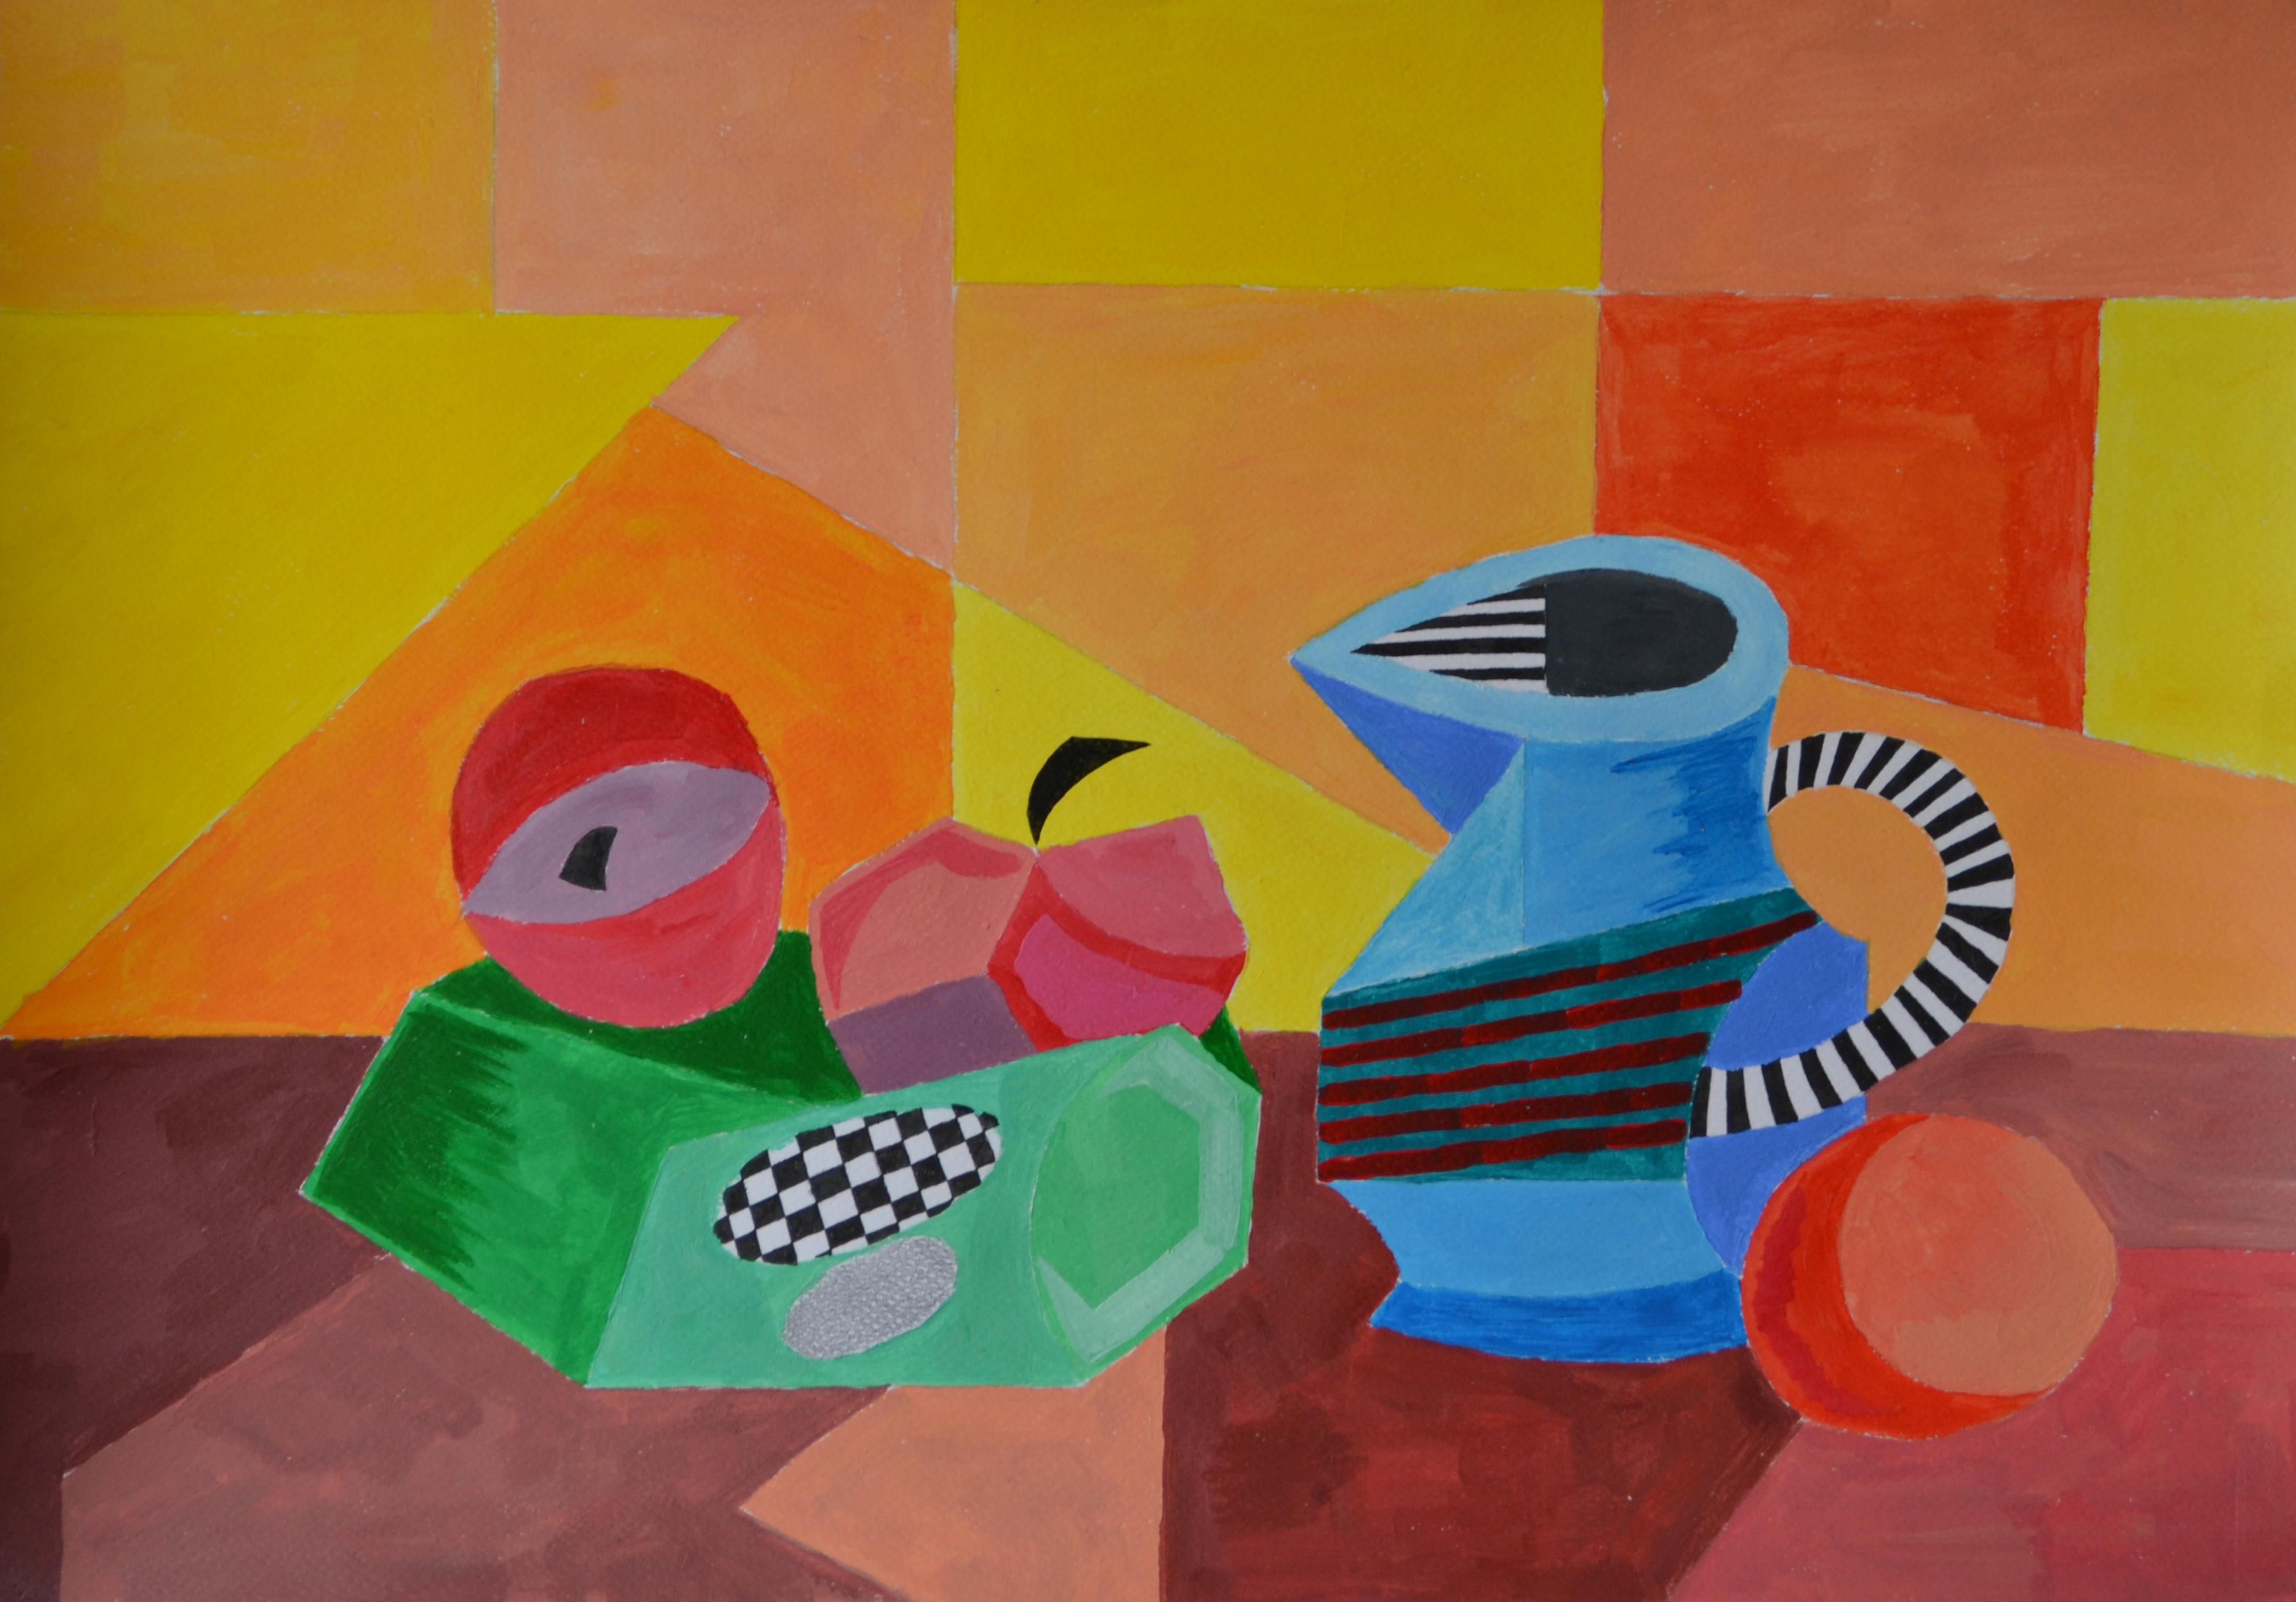 """Йордан Кечев, специалност """"Изобразително изкуство"""", Кубистичен натюрморт, 2017 / Jordan Kechev, degree programme """"Fine Arts"""", Cubist Still Life  2017"""